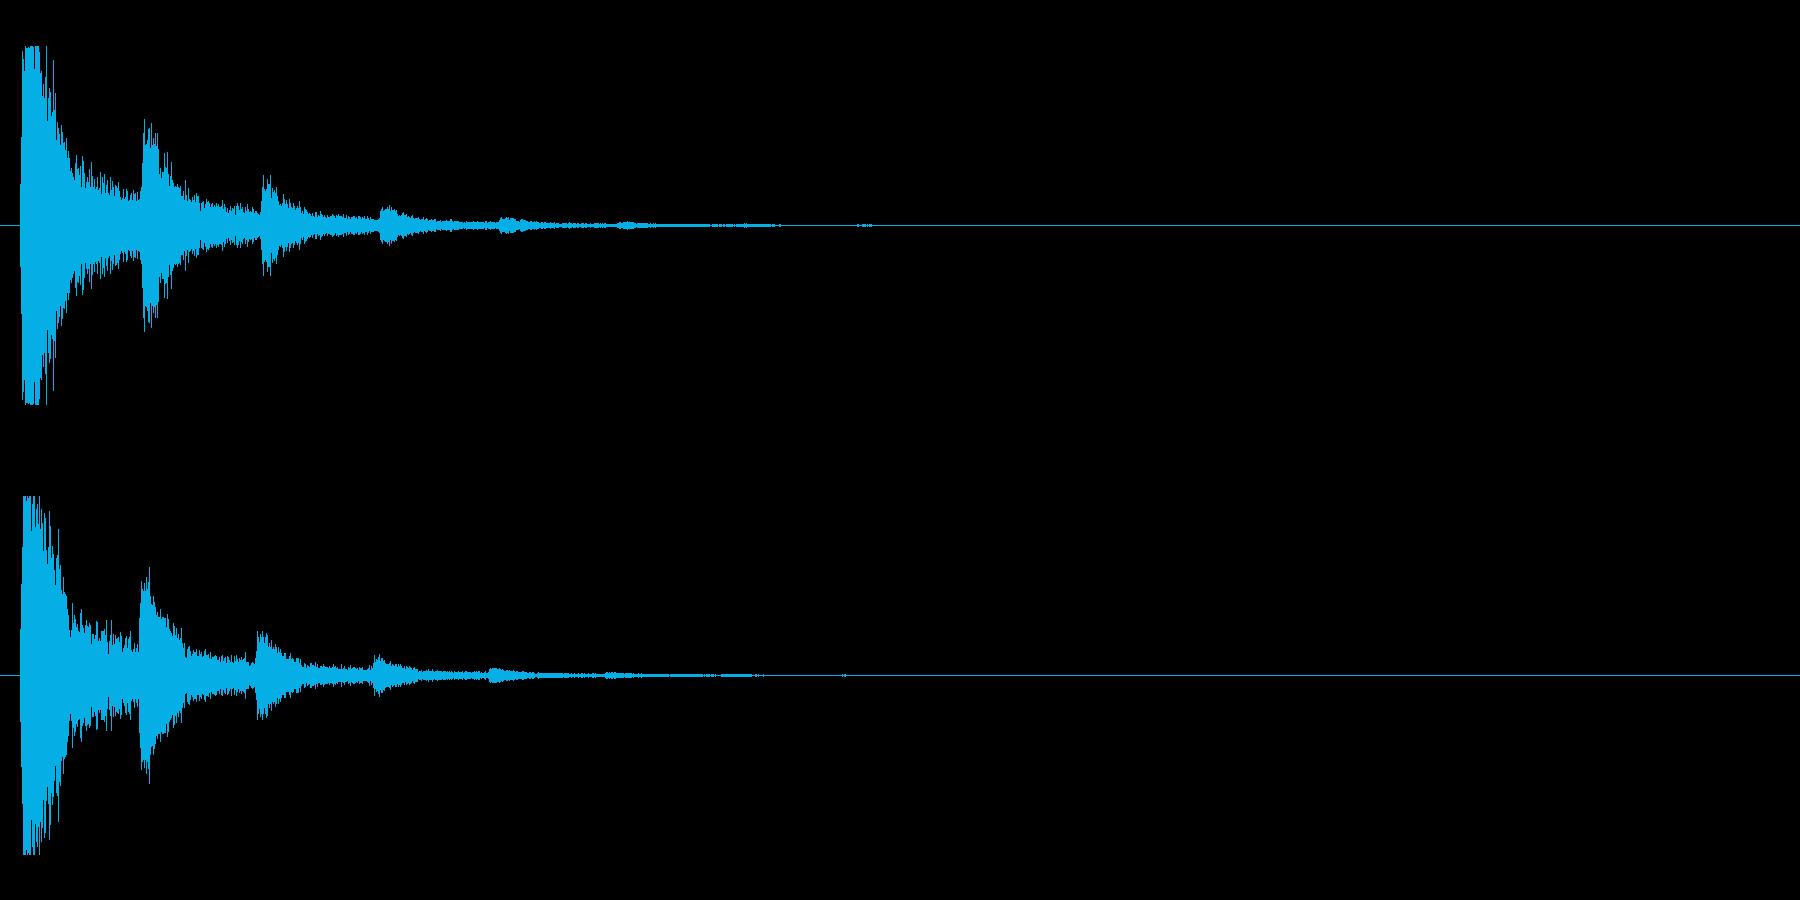 レーザー音-89-2の再生済みの波形